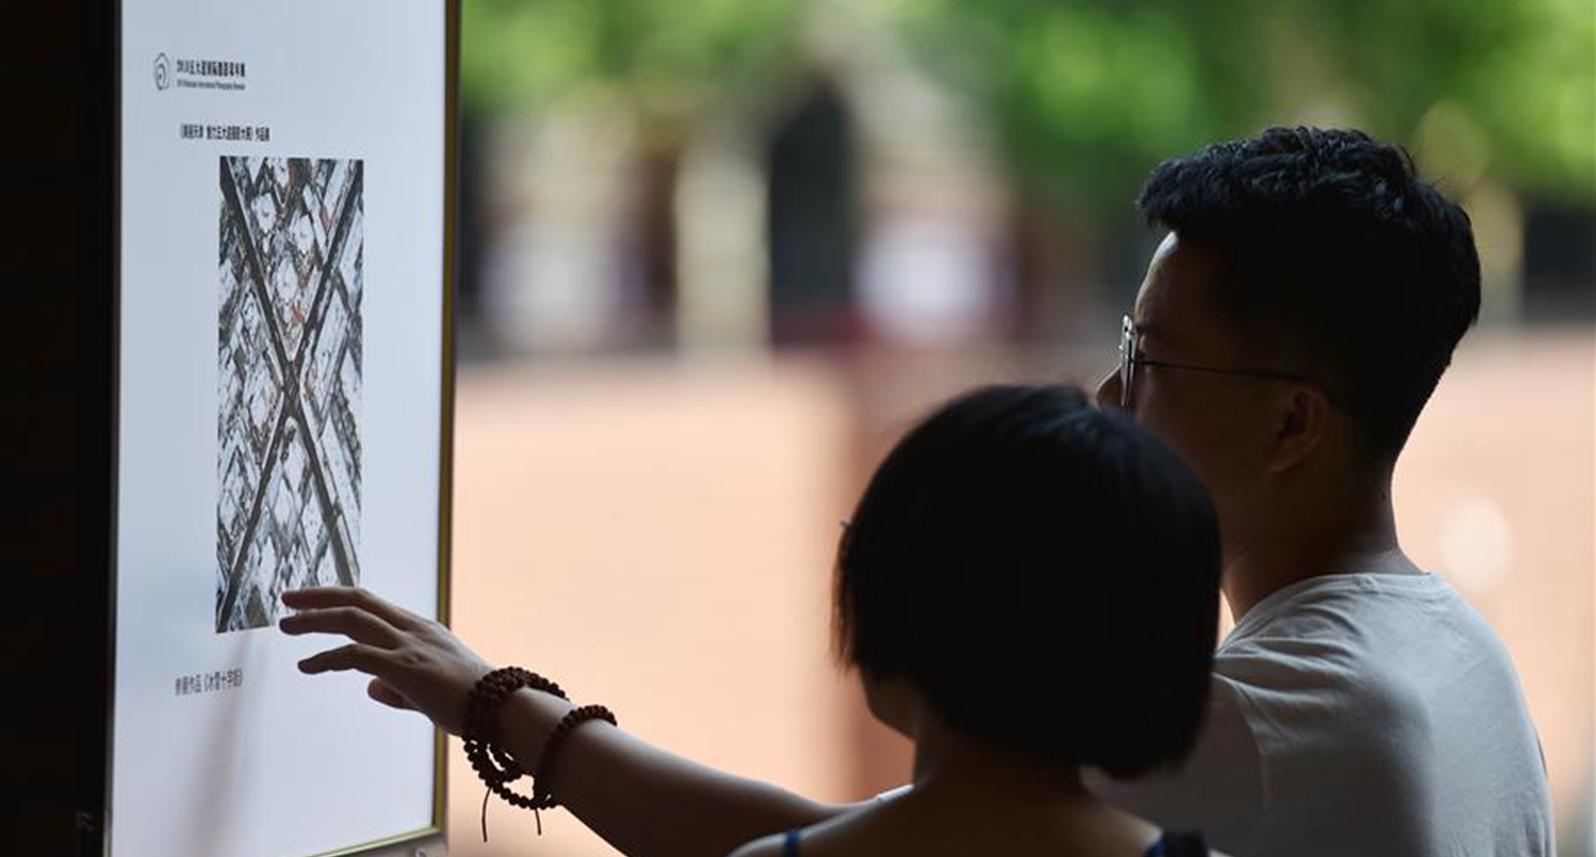 天津:民園裏的攝影展